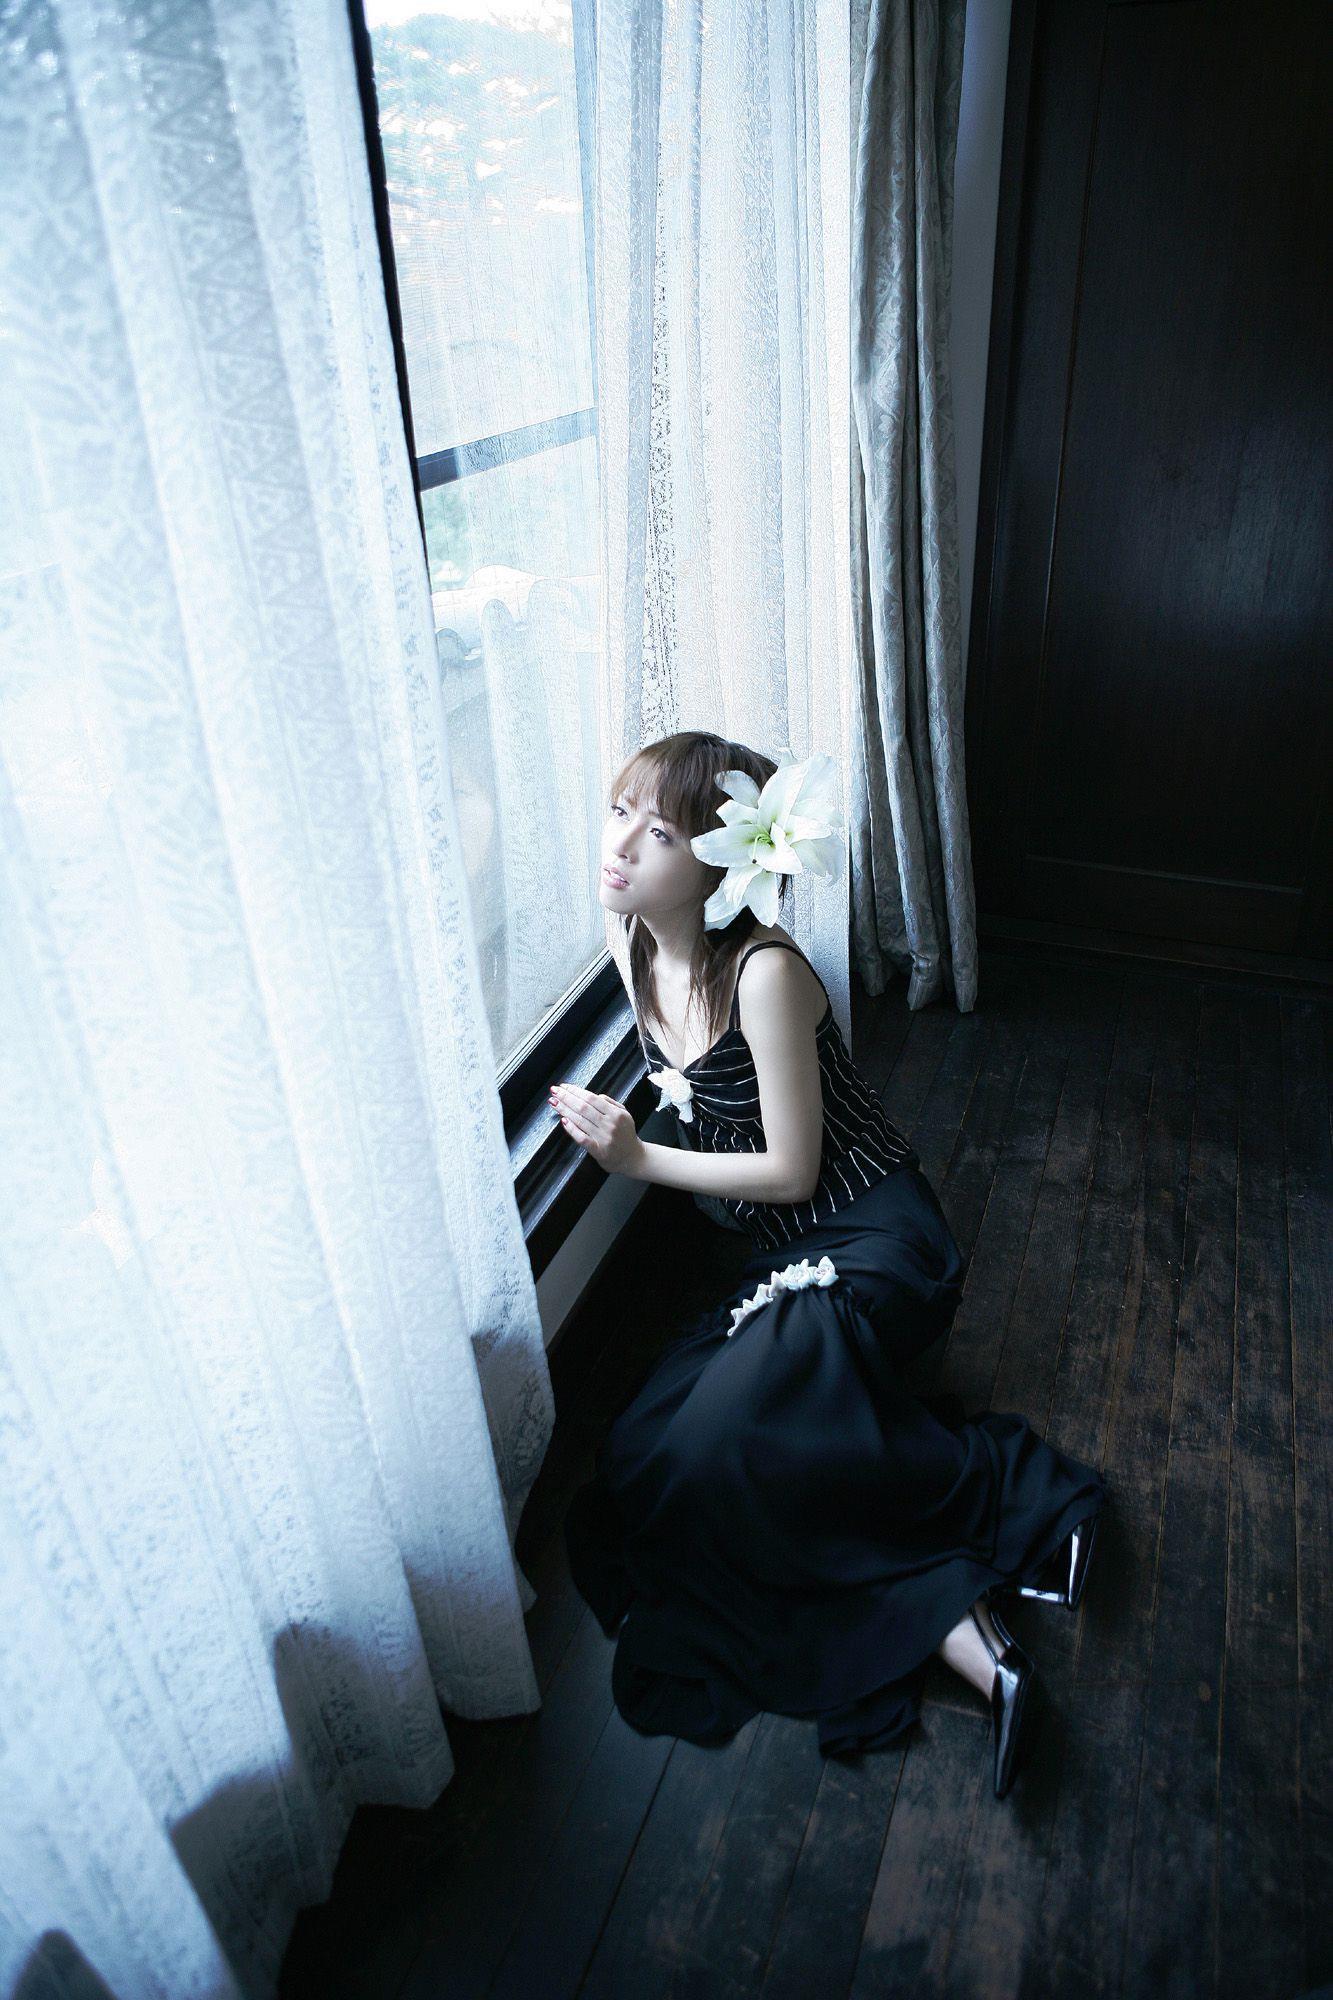 釈由美子 エロ画像 34